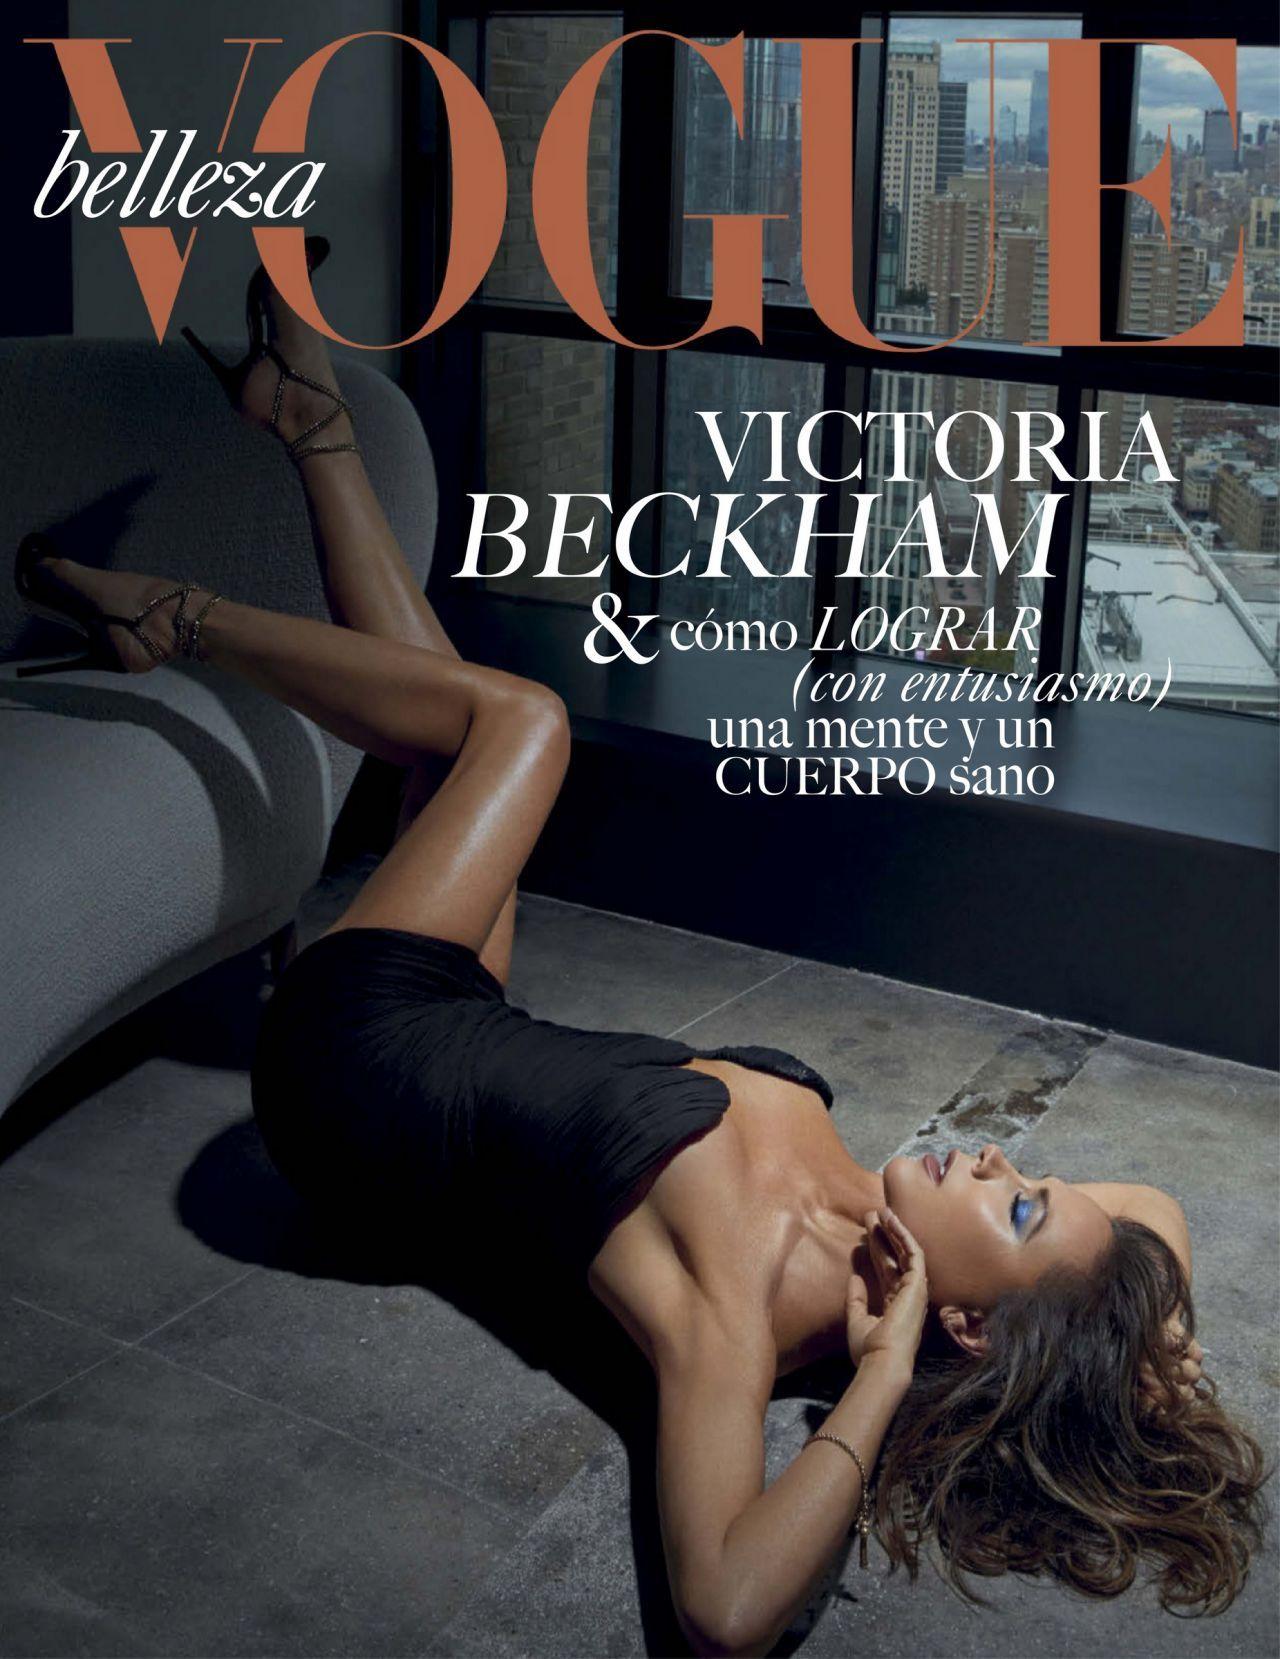 维多利亚·贝克汉姆(Victoria Beckham)-《 Vogue Belleza》西班牙20